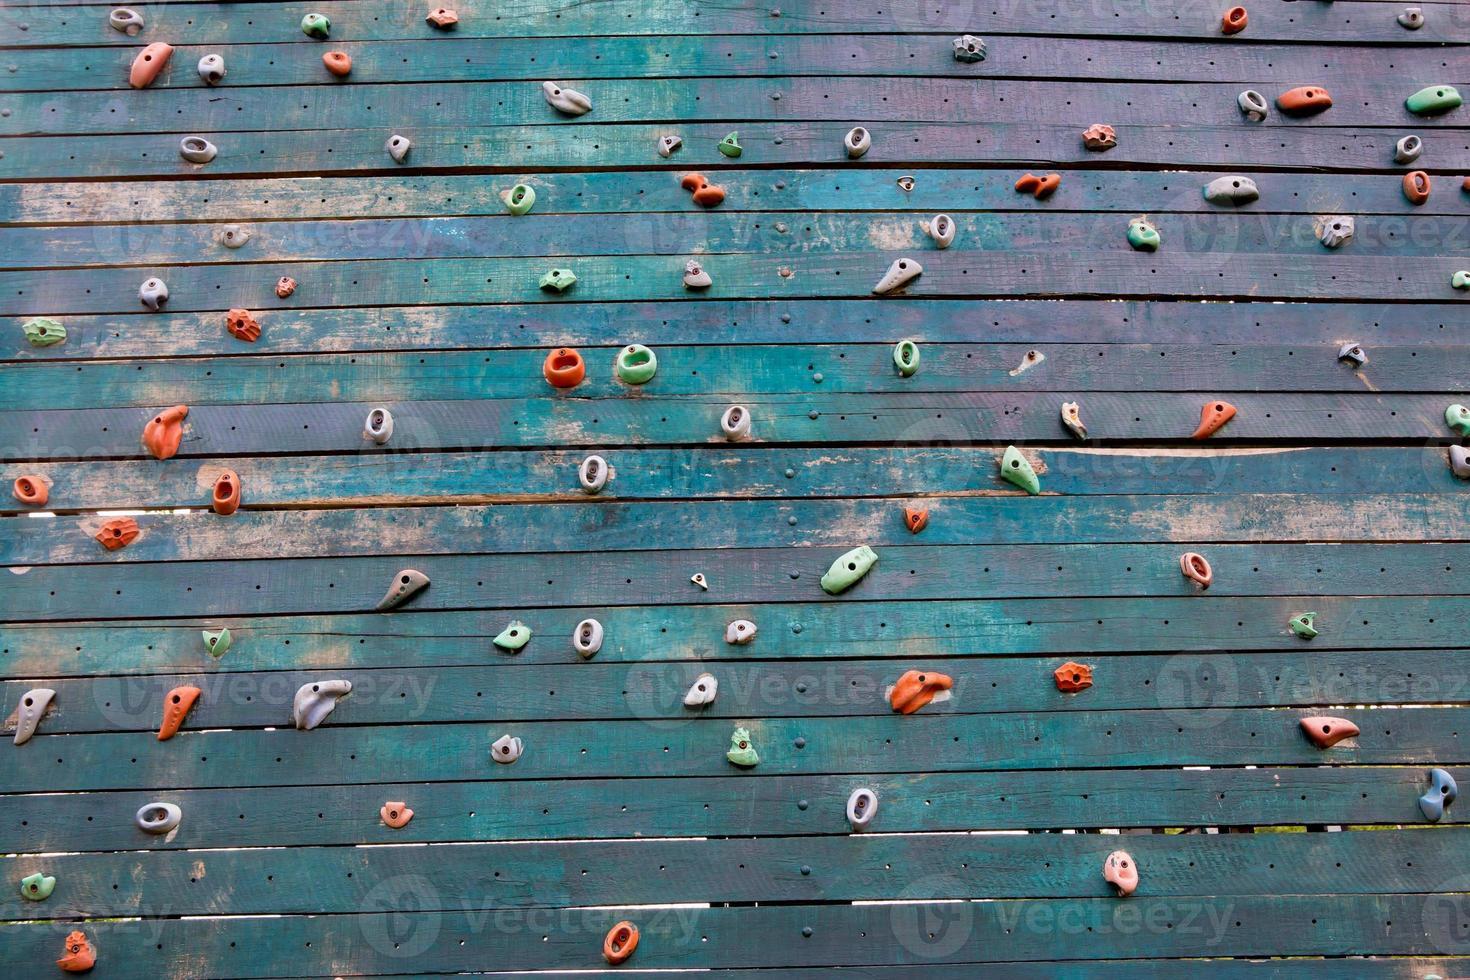 Grunge-Oberfläche einer künstlichen Kletterwand foto